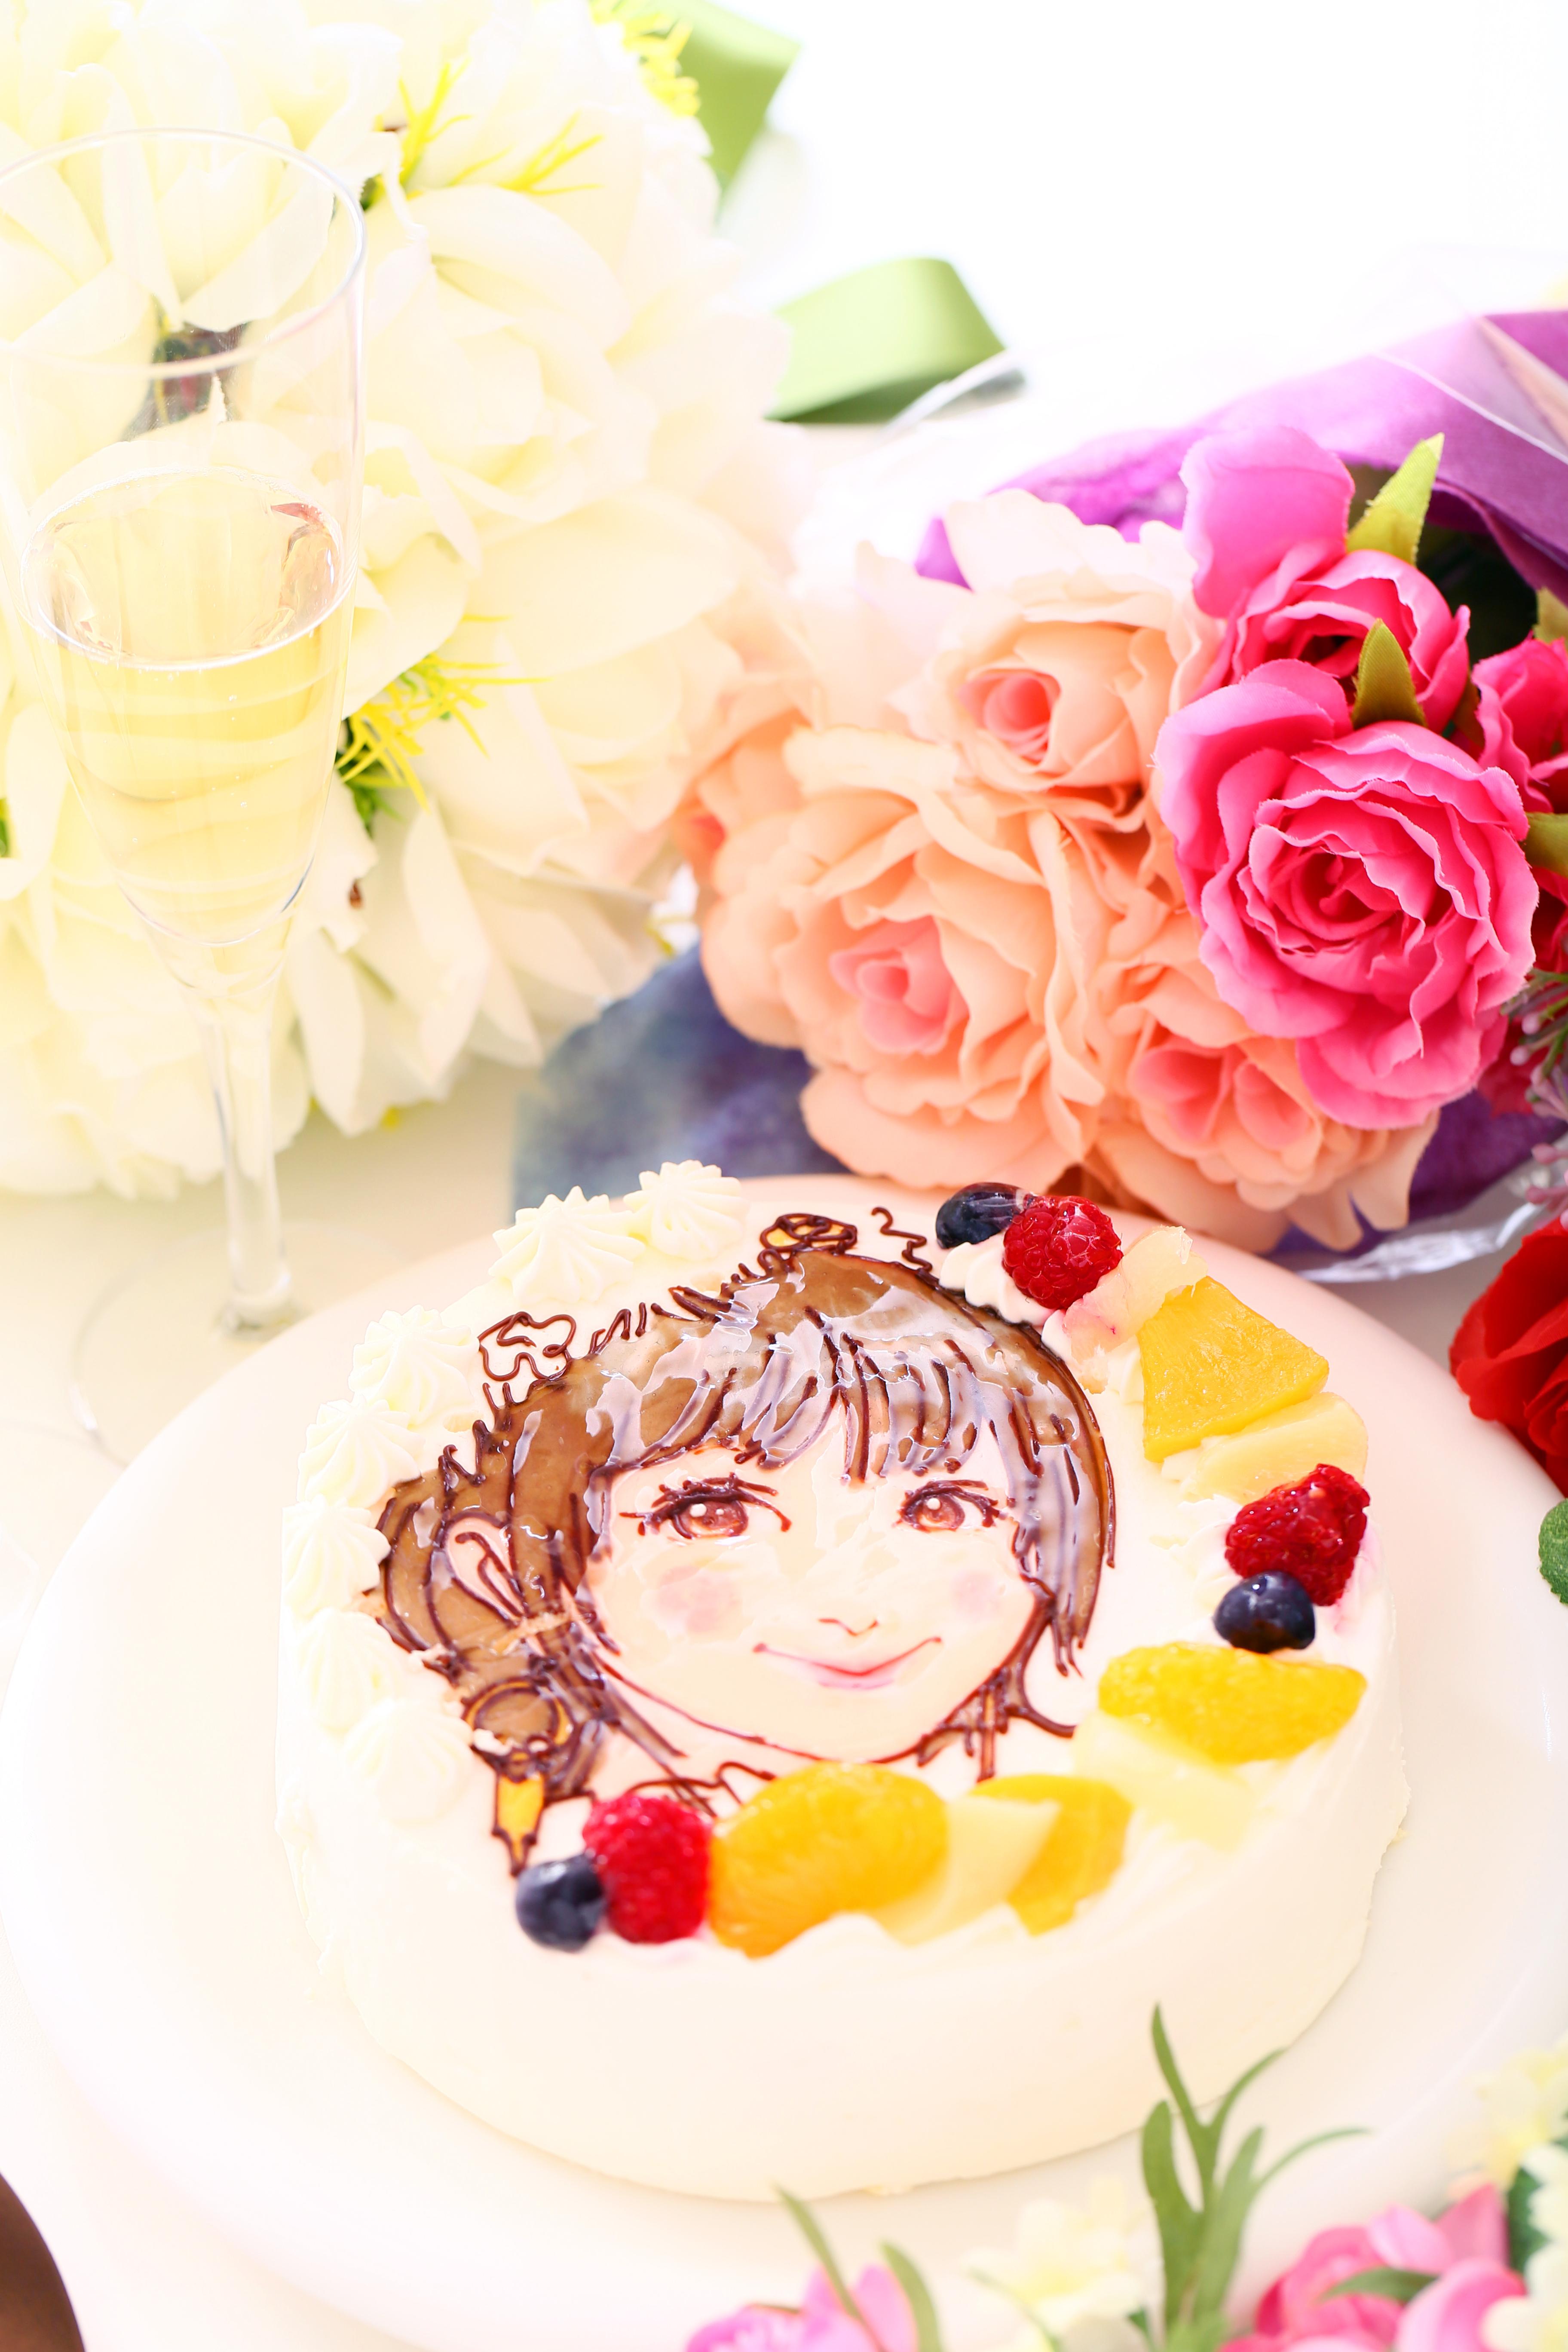 イラストケーキ、写真ケーキなど・・サプライズはいかが?